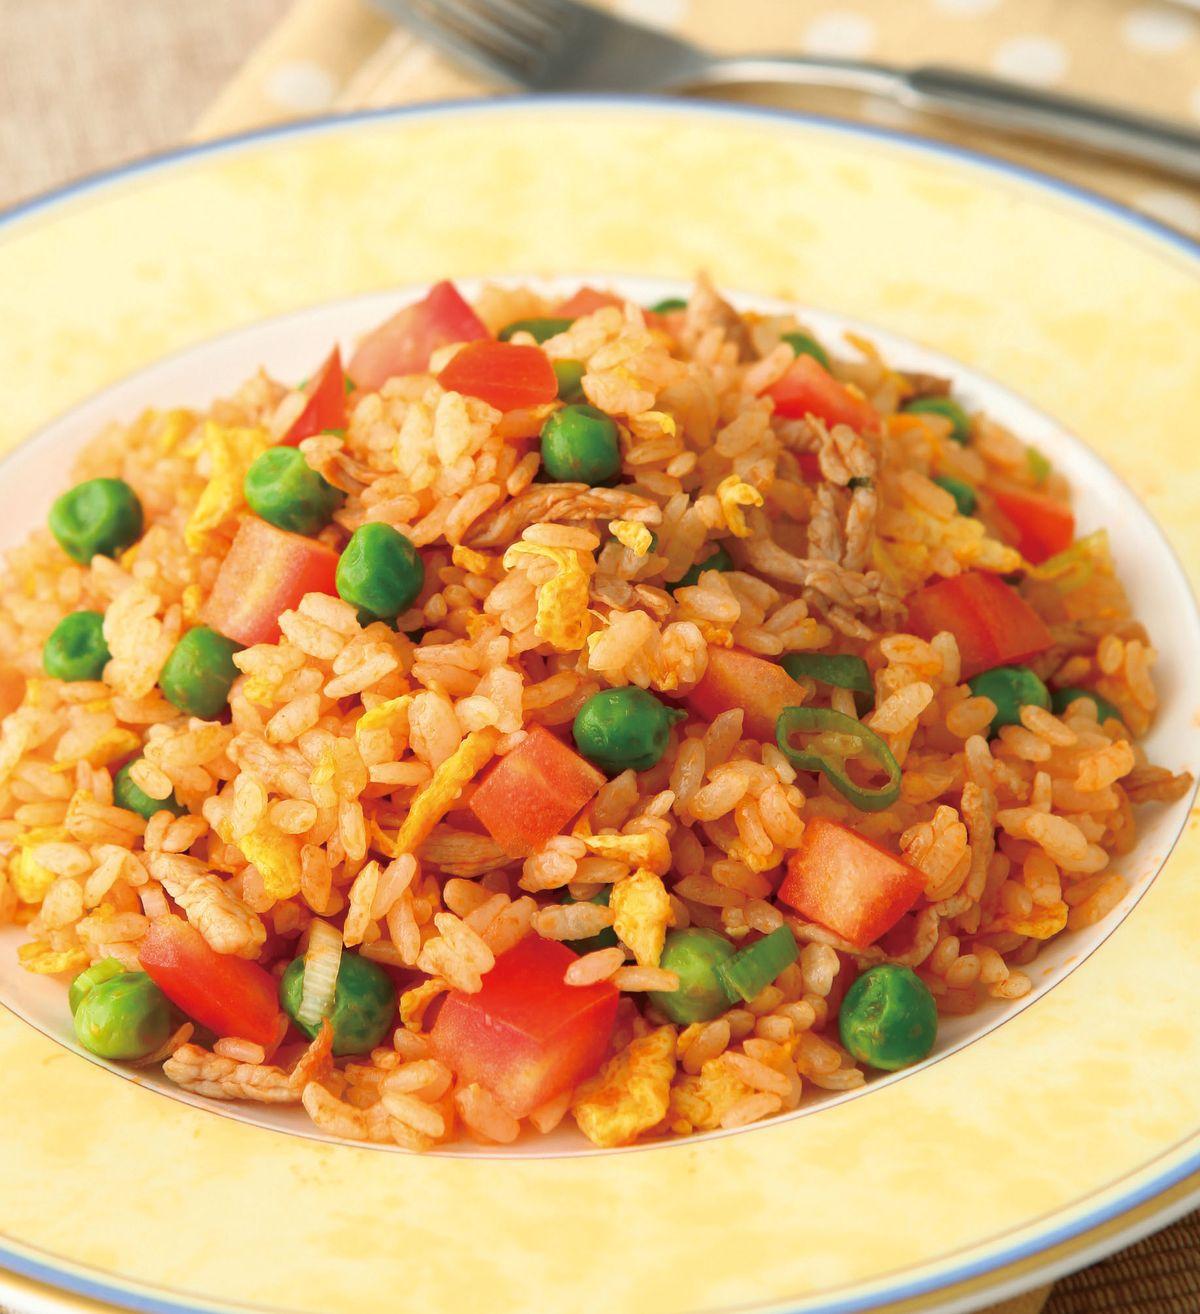 食譜:番茄肉絲炒飯